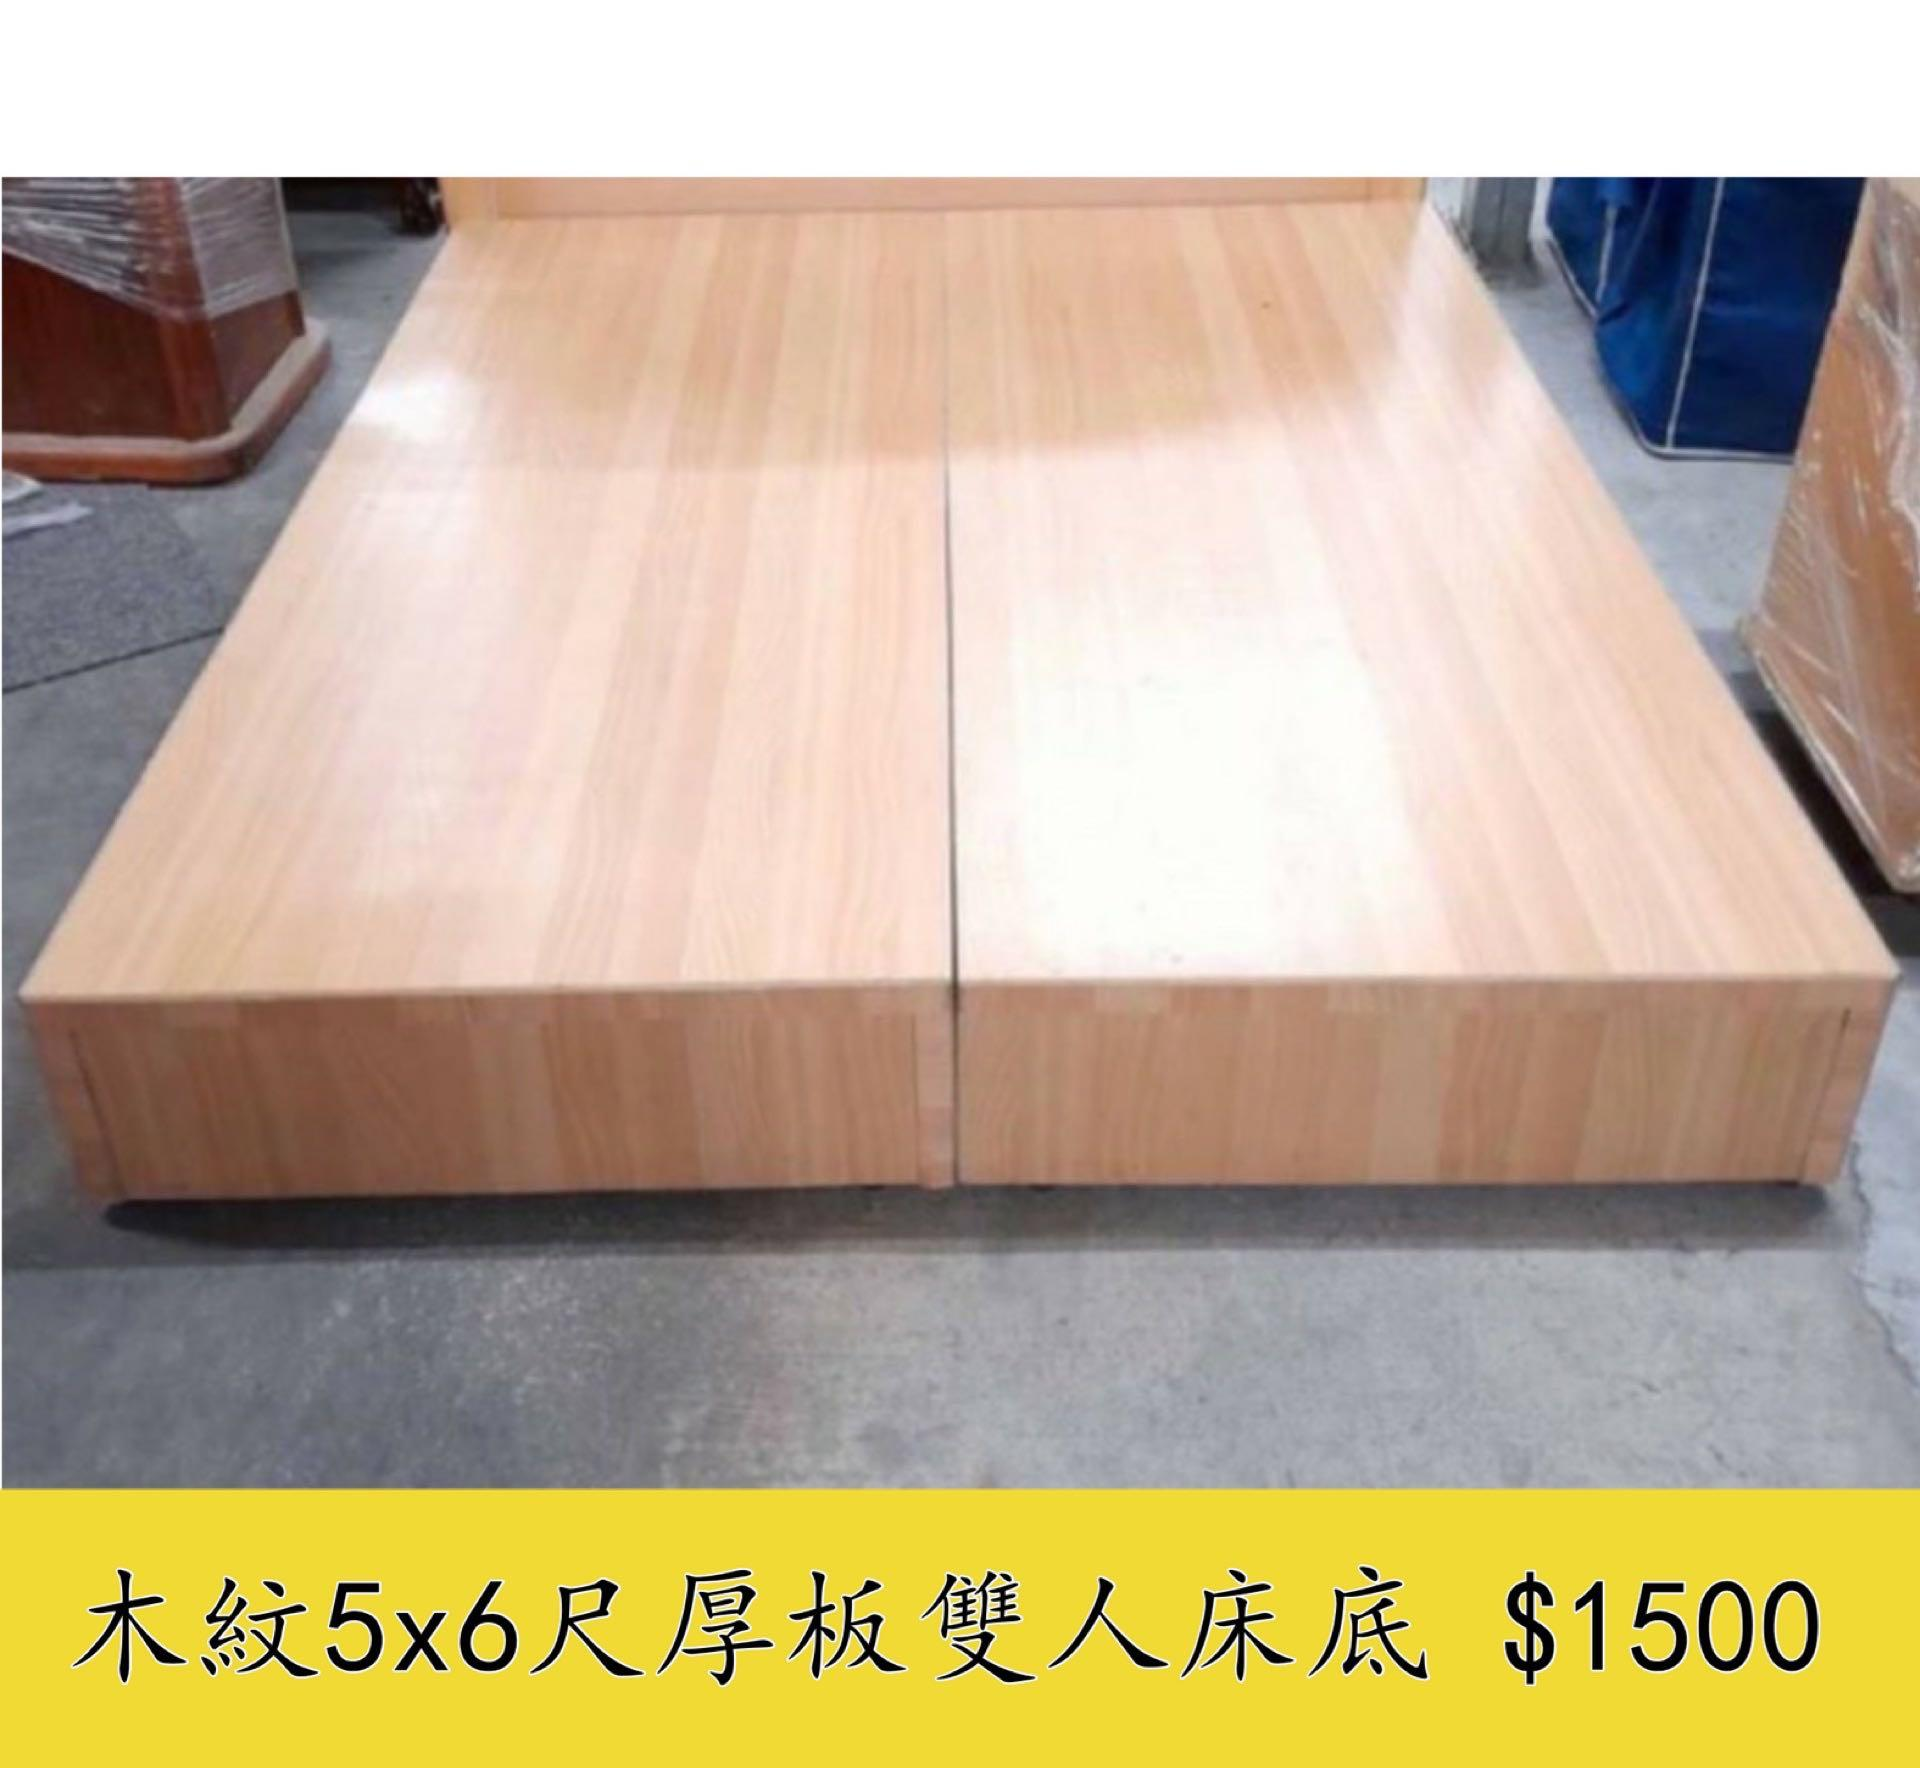 二手家具  5x6尺雙人厚板床底